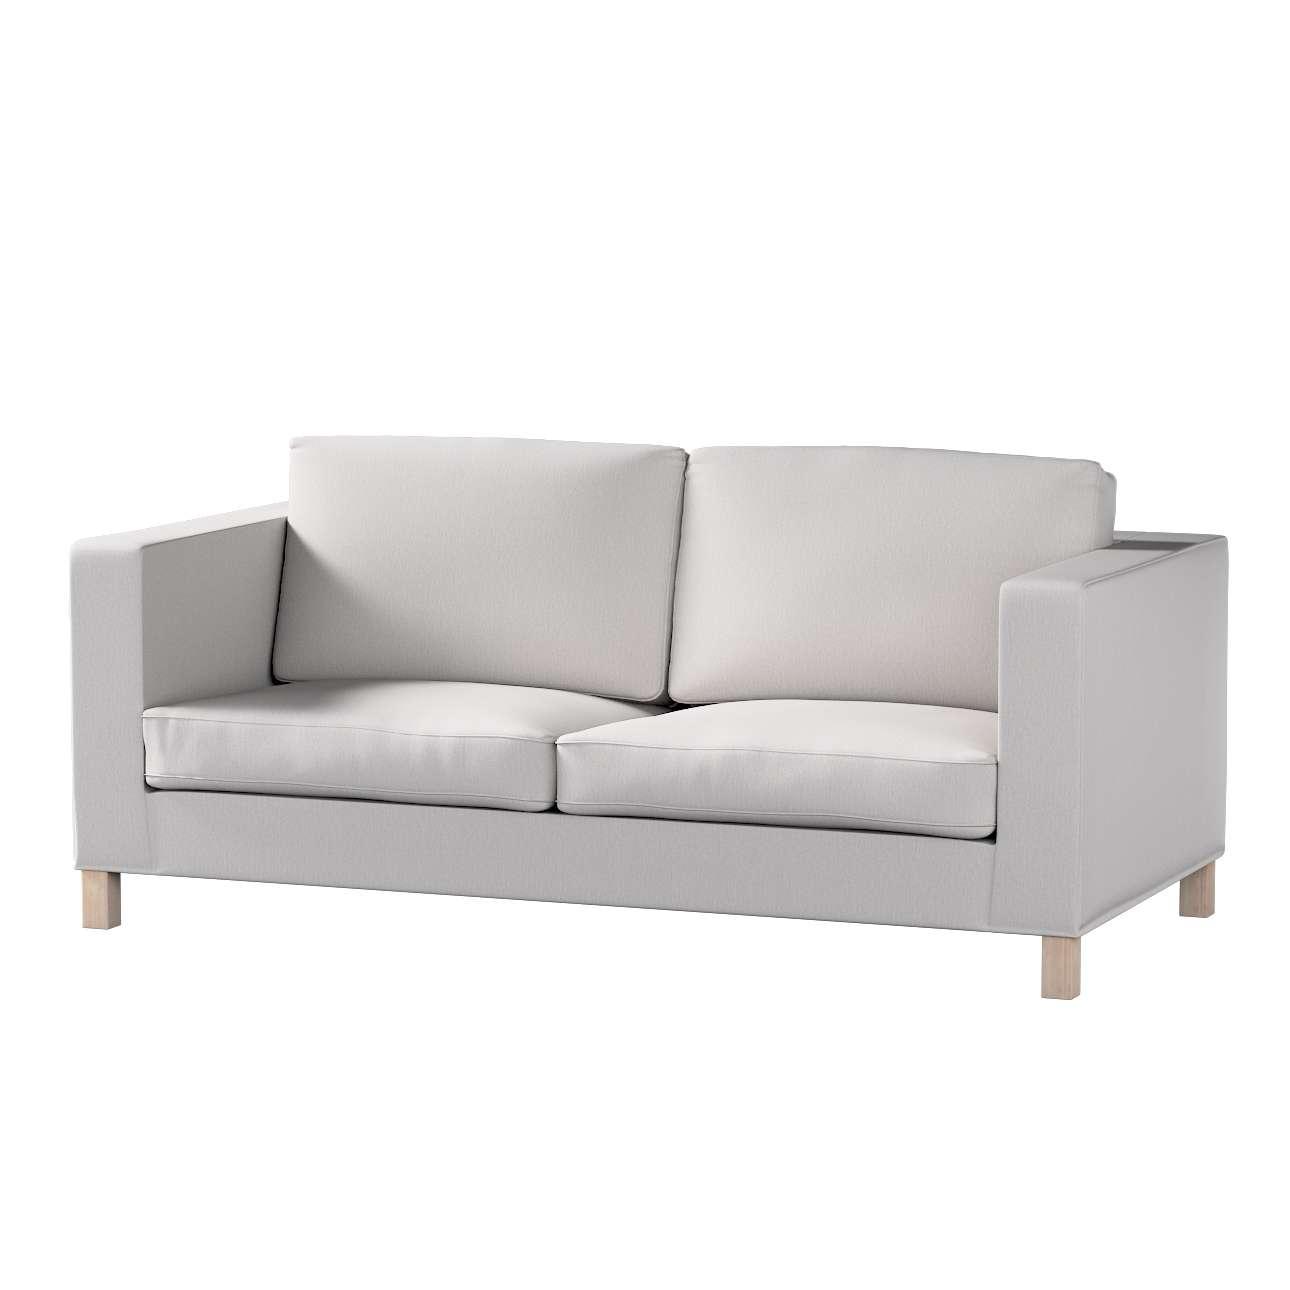 KARLANDA sofos lovos užvalkalas KARLANDA sofos lovos užvalkalas kolekcijoje Chenille, audinys: 702-23